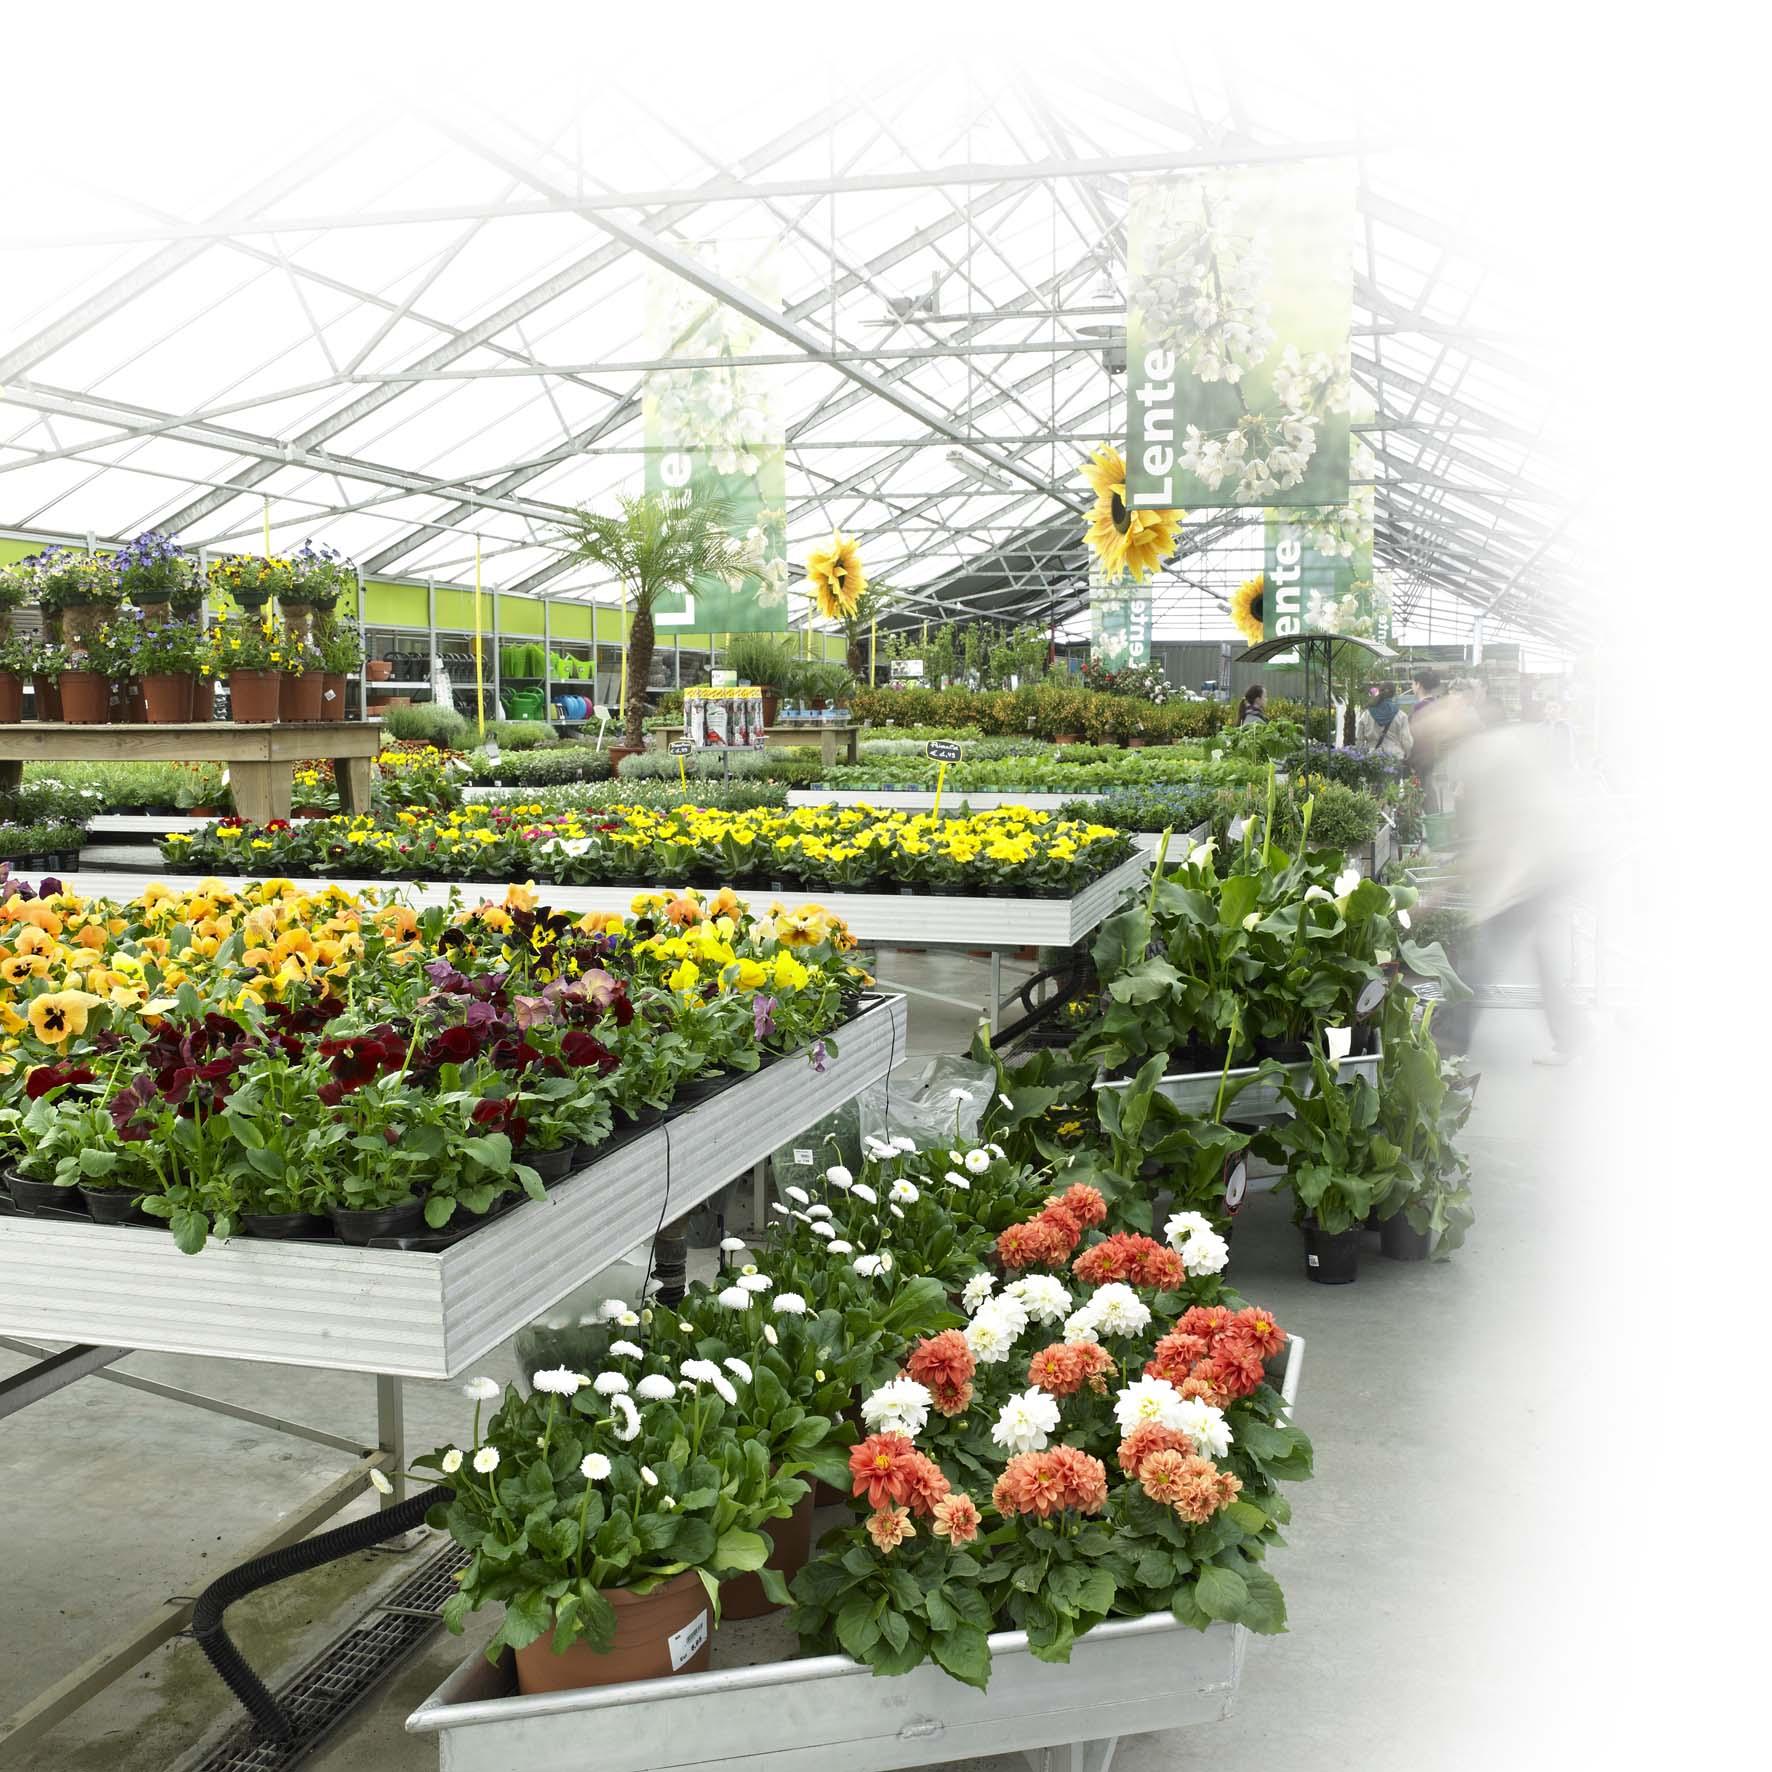 Kom naar ons tuincentrum in de buurt van Sint Niklaas voor een compleet huis en tuin assortiment! Tuincentrum Interflower heeft het allemaal